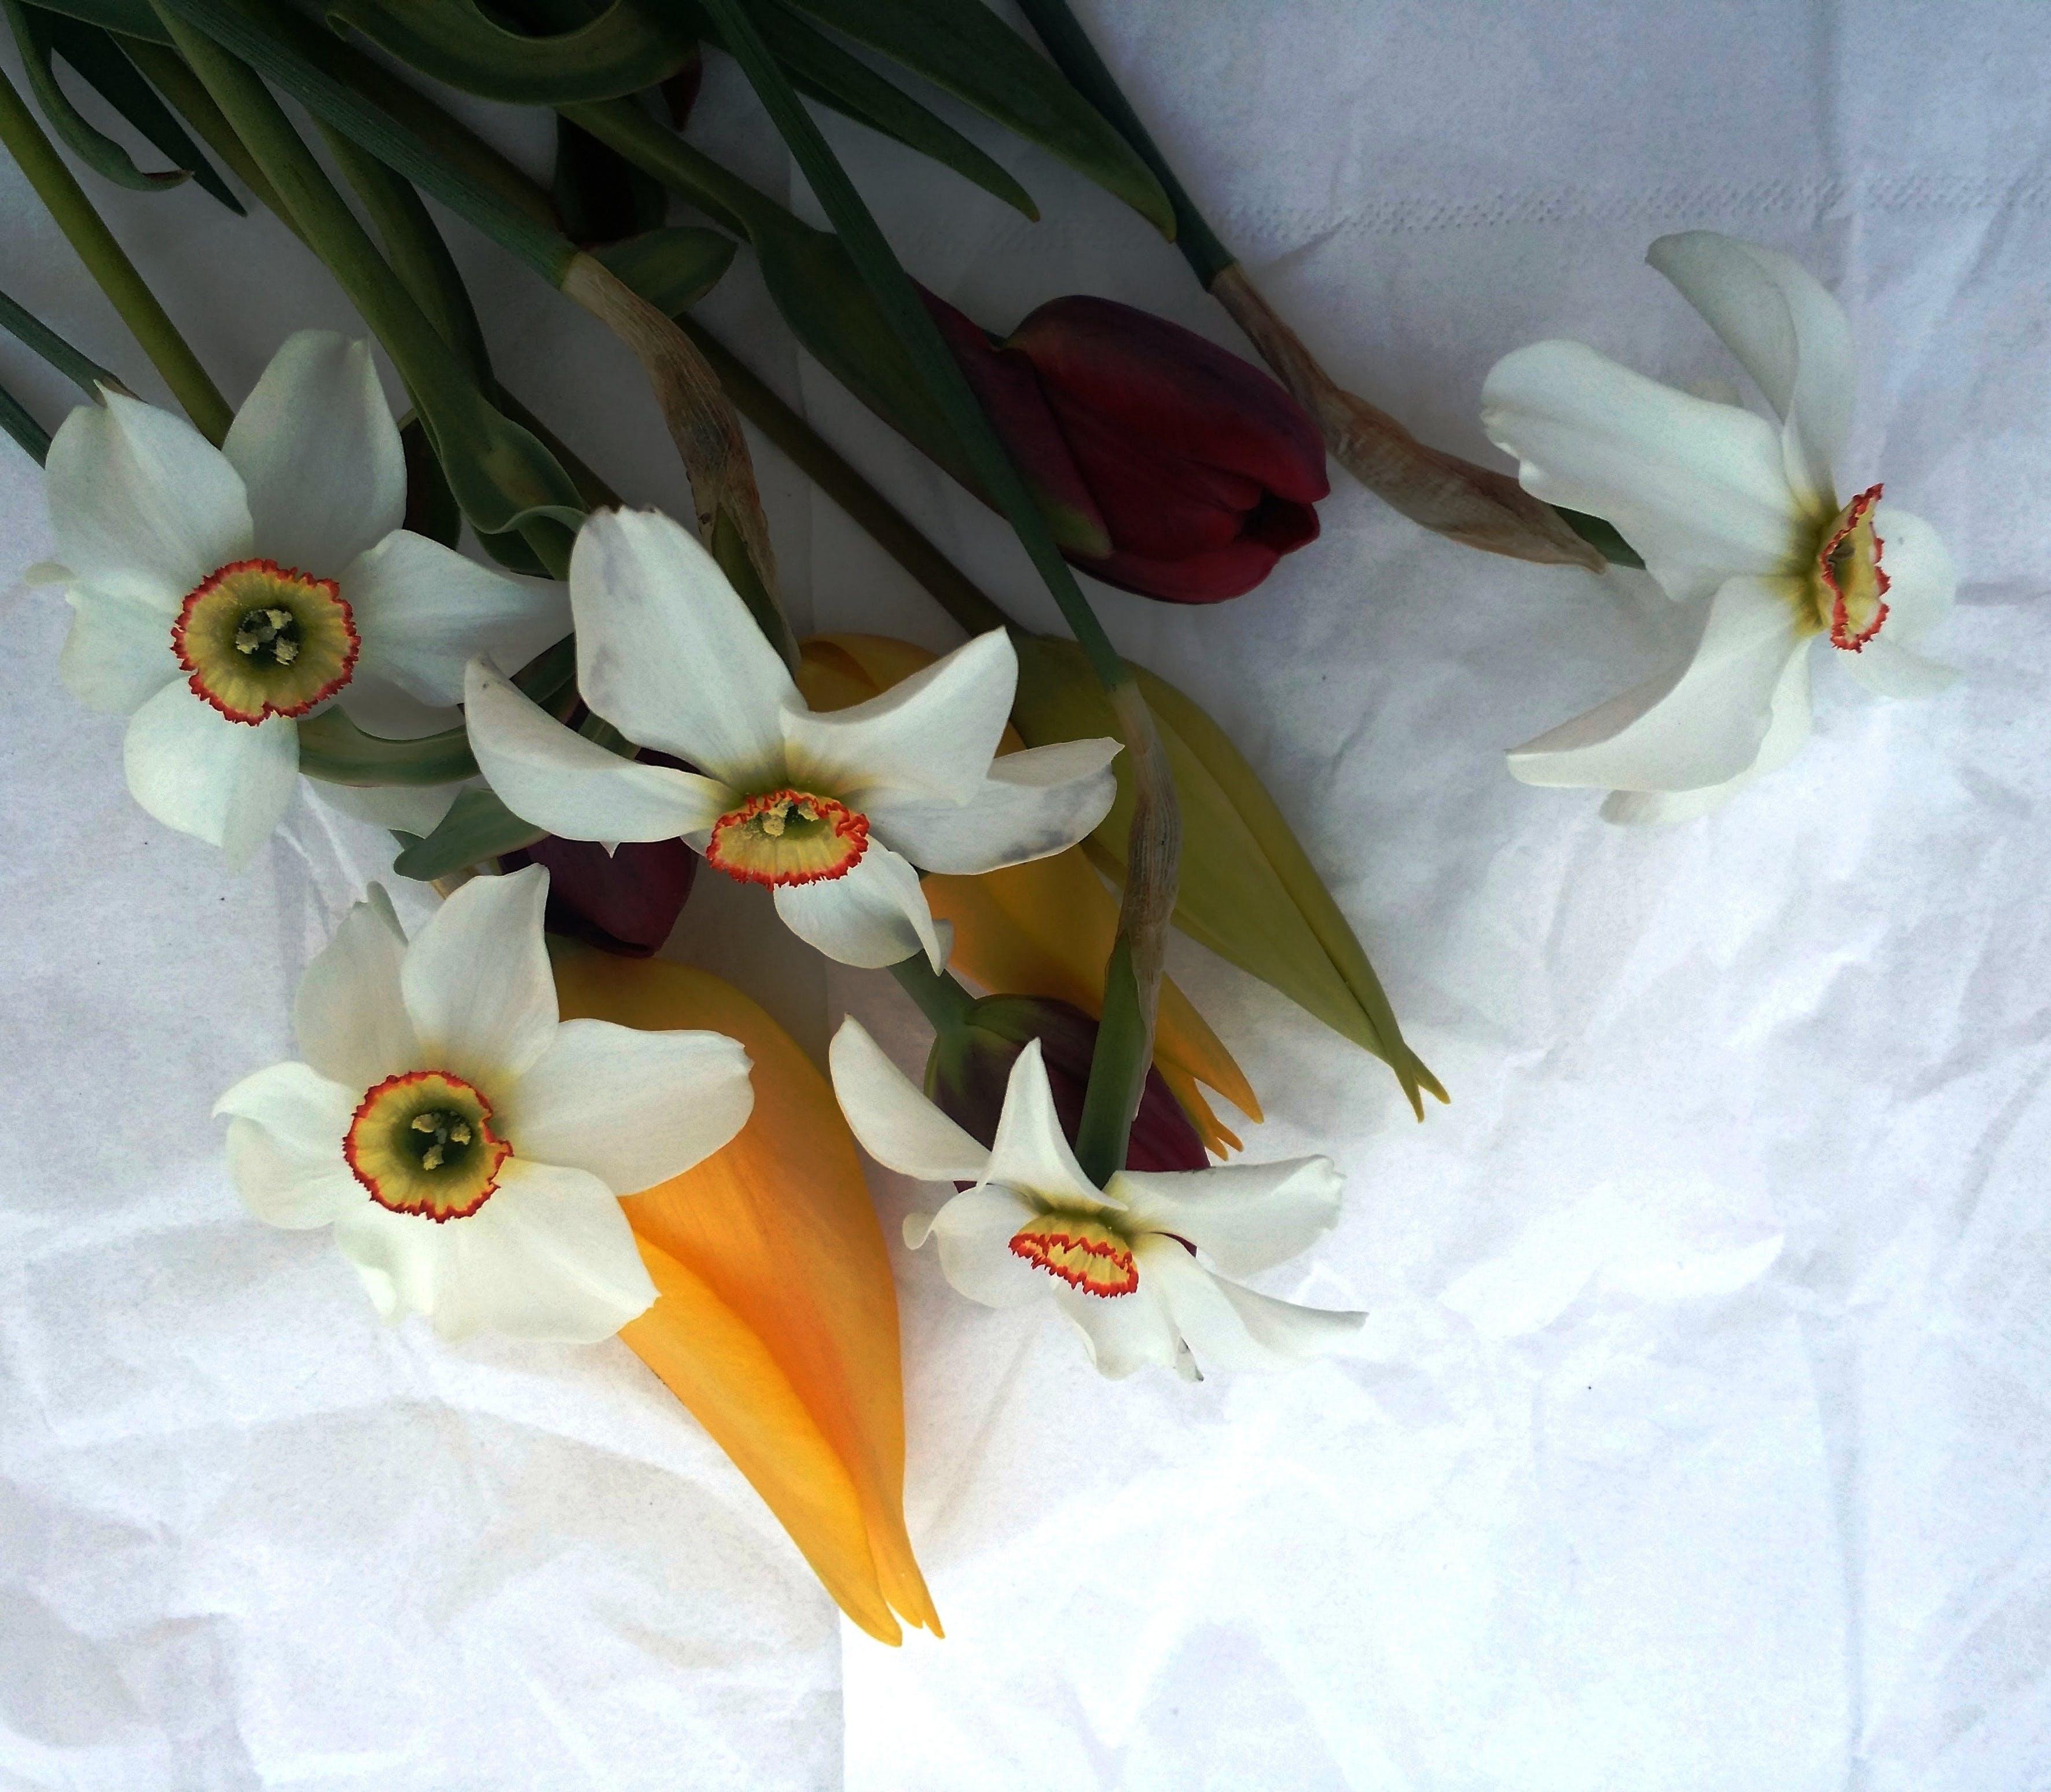 Бесплатное стоковое фото с белые нарциссы, весенние цветы, желтые цветы, красивые цветы